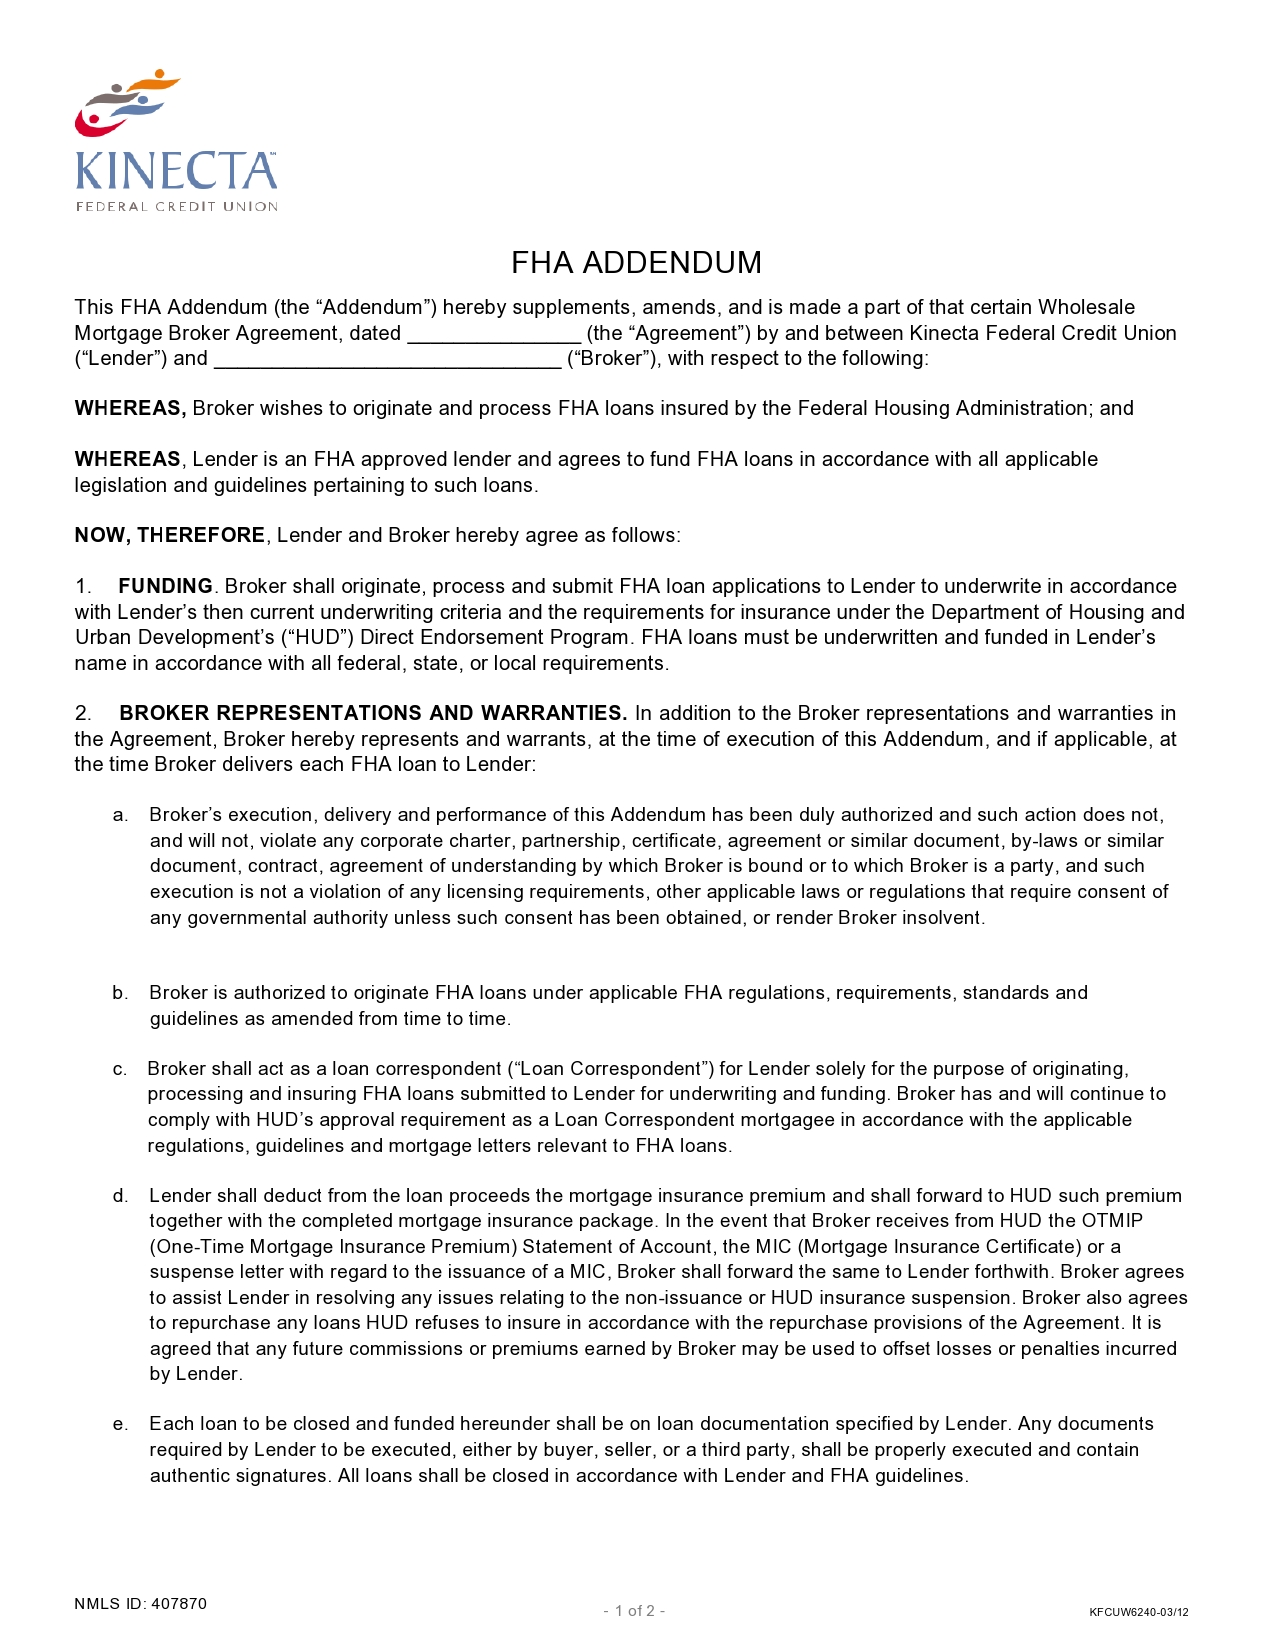 Free third party financing addendum 09